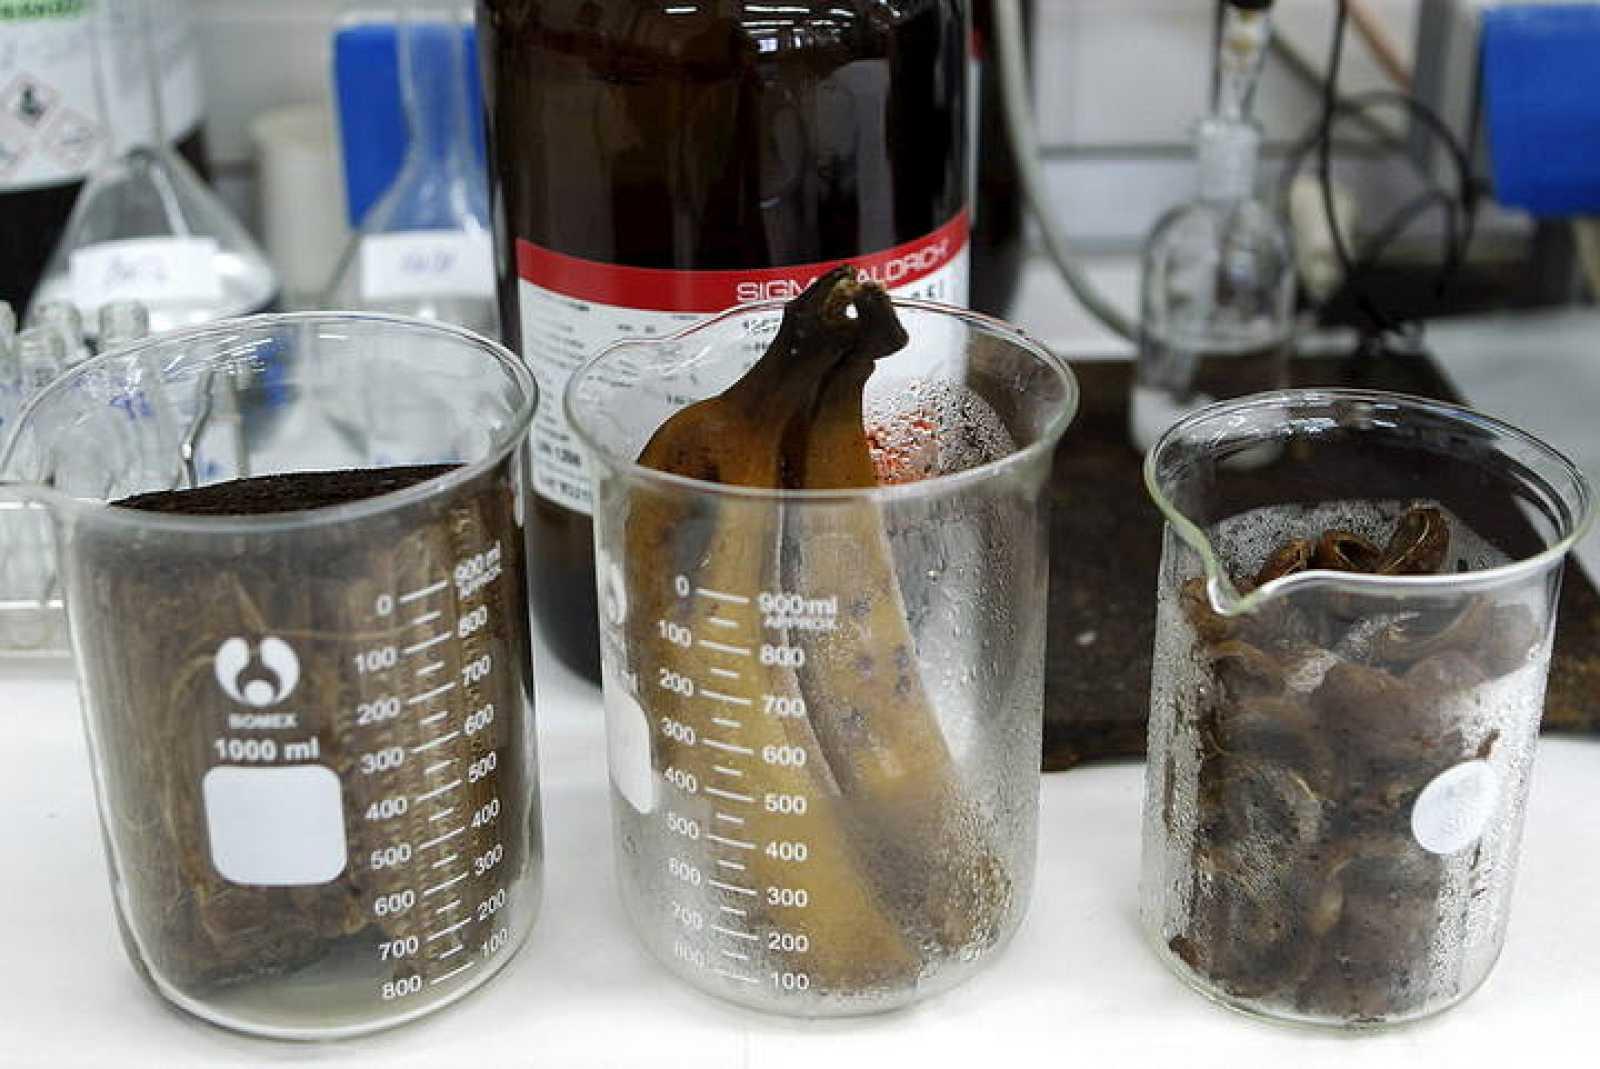 Plátanos de Canarias en la investigación para producir biocombustible.